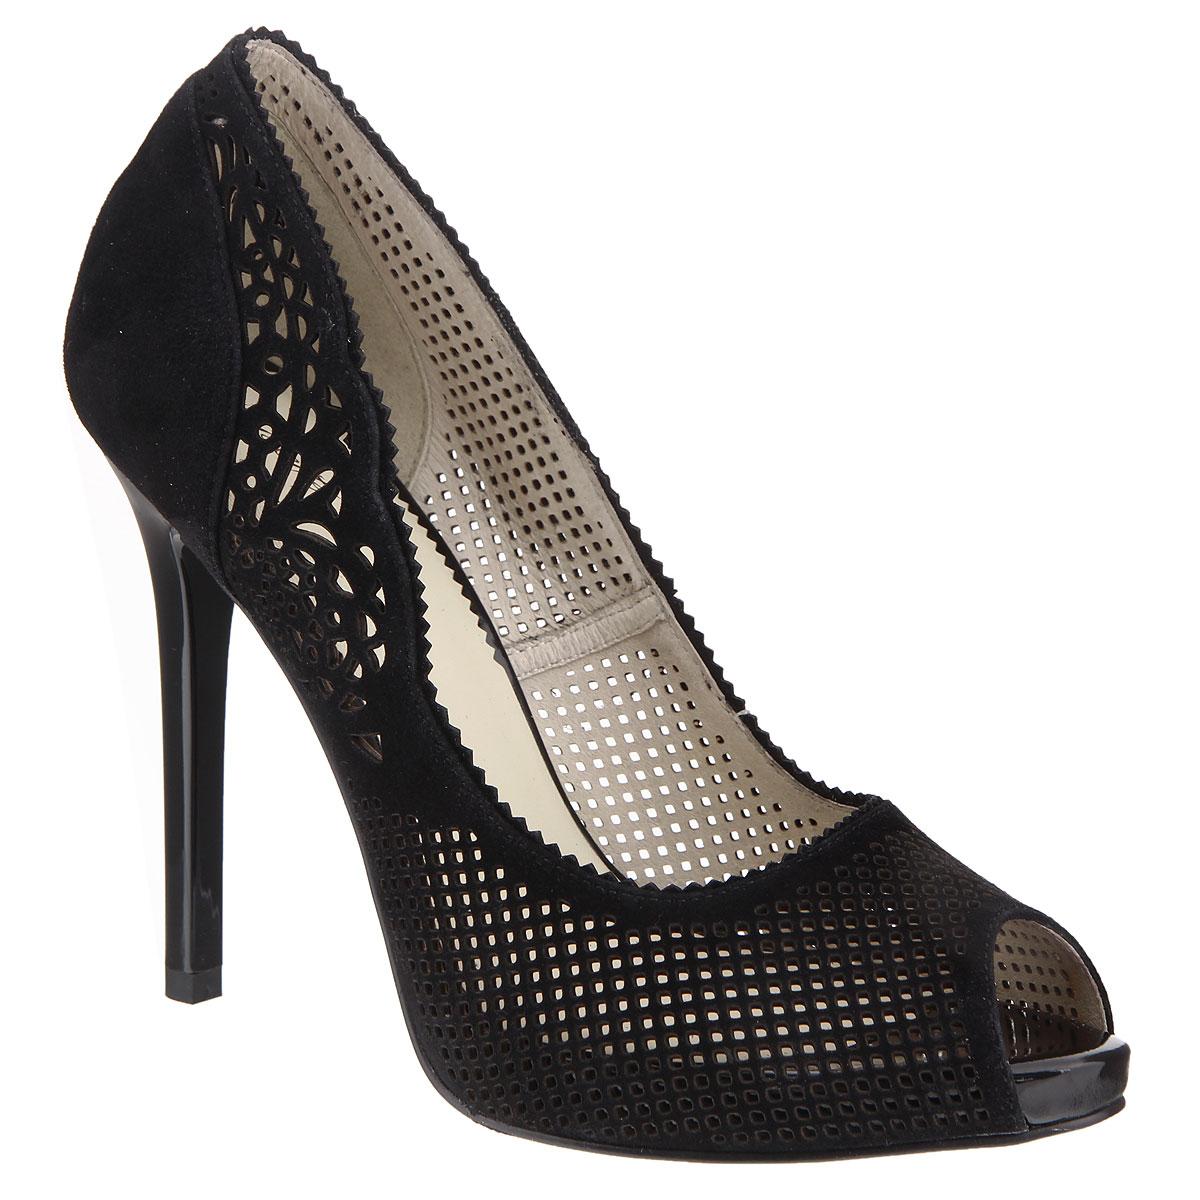 Туфли женские. CZL133-457CCZL133-457CЭлегантные женские туфли на шпильке от Lisette прекрасно подчеркнут ваш стиль. Верх модели выполнен из мягкого велюра. Внутренняя часть исполнена из натуральной кожи. Открытый носок добавляет женственности в образ. Небольшая скрытая платформа компенсирует высоту каблука. Подошва выполнена из прочной резины с противоскользящим рифлением. Оформлена модель оригинальной перфорацией. Такие туфли станут прекрасным дополнением вашего гардероба. Они сделают вас ярче и подчеркнут вашу индивидуальность.